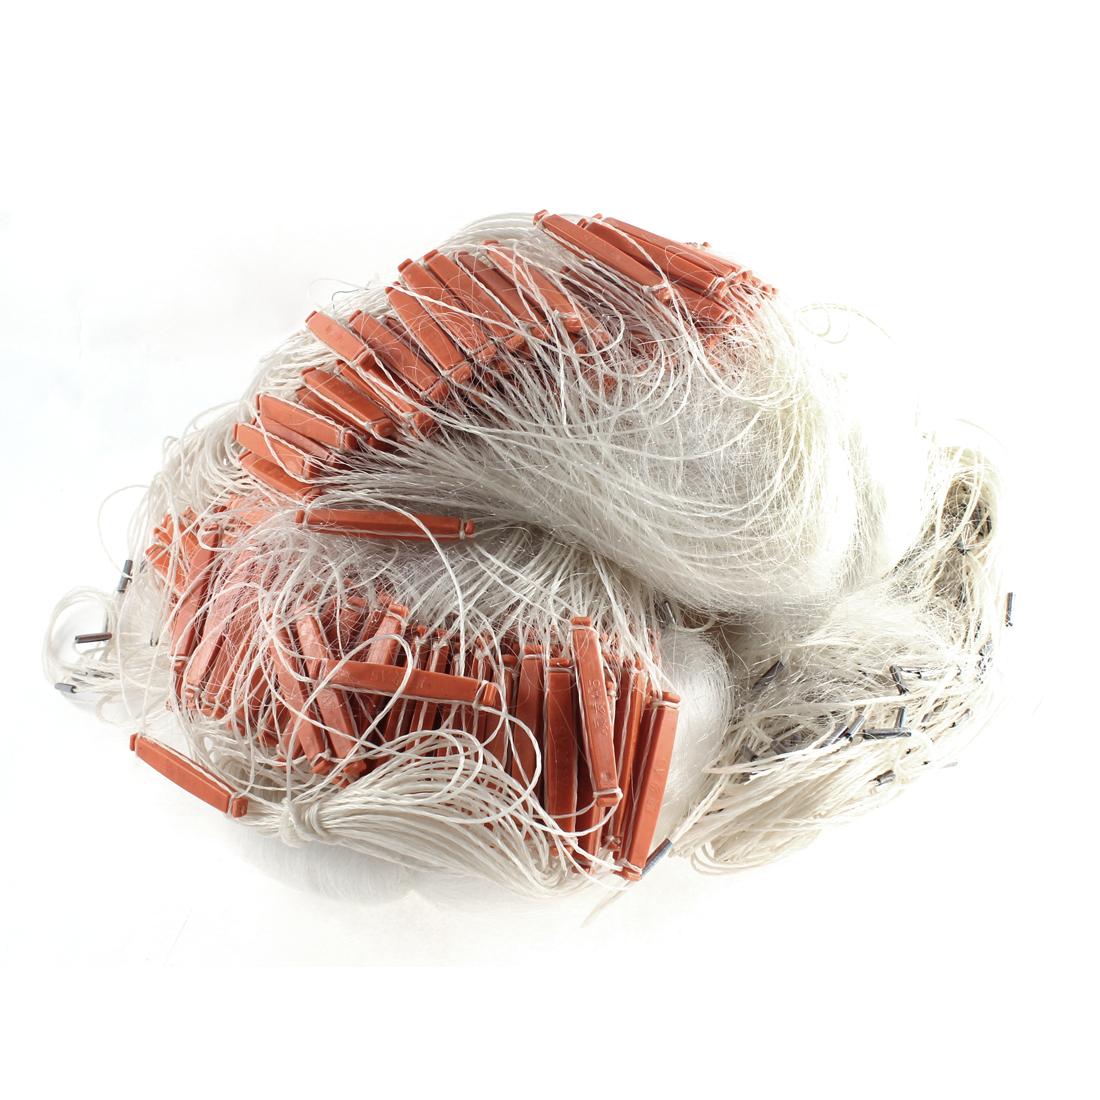 Monofilament Gill Net Fishing Angling Tool 3cm x 3cm Mesh Hole 50mx2m White